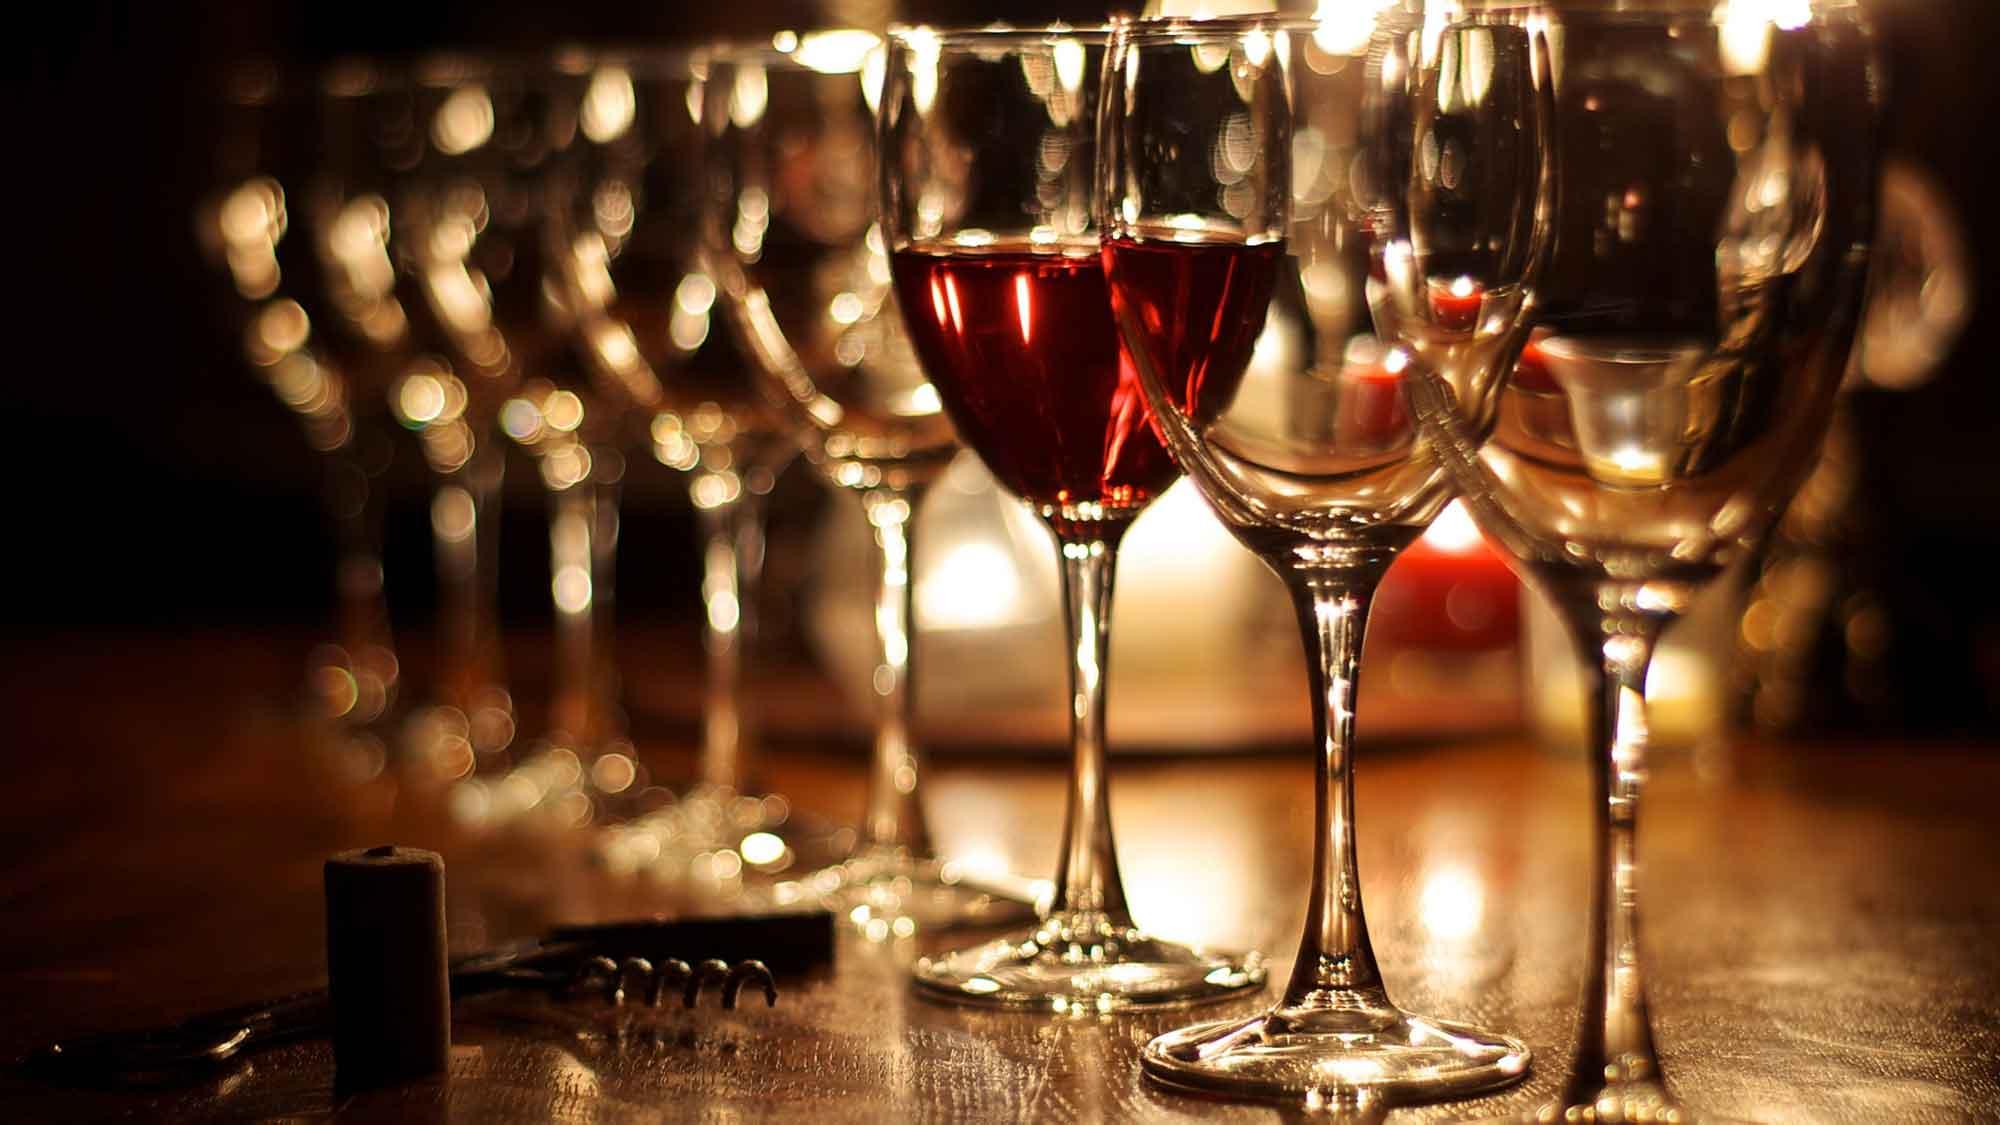 Wine Glasses ©zoomonby.com